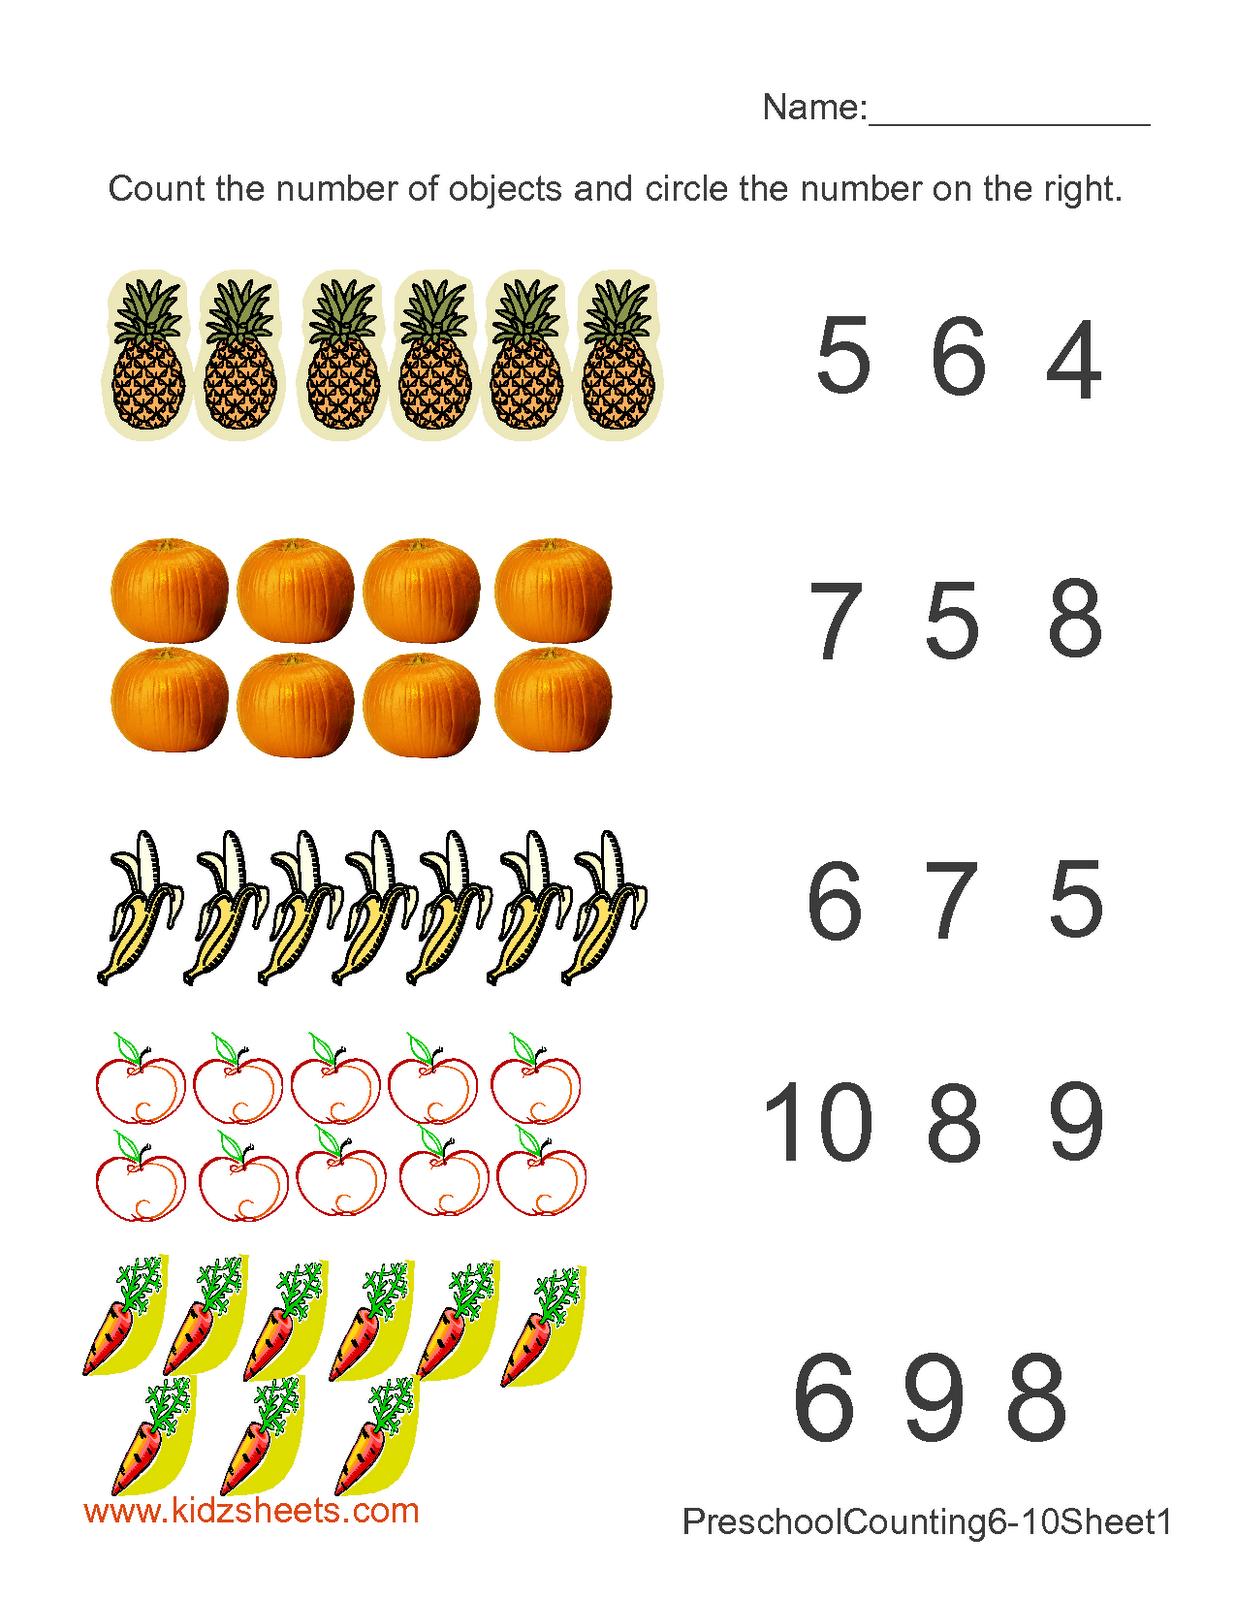 Kidz Worksheets: Preschool Counting Numbers Worksheet1